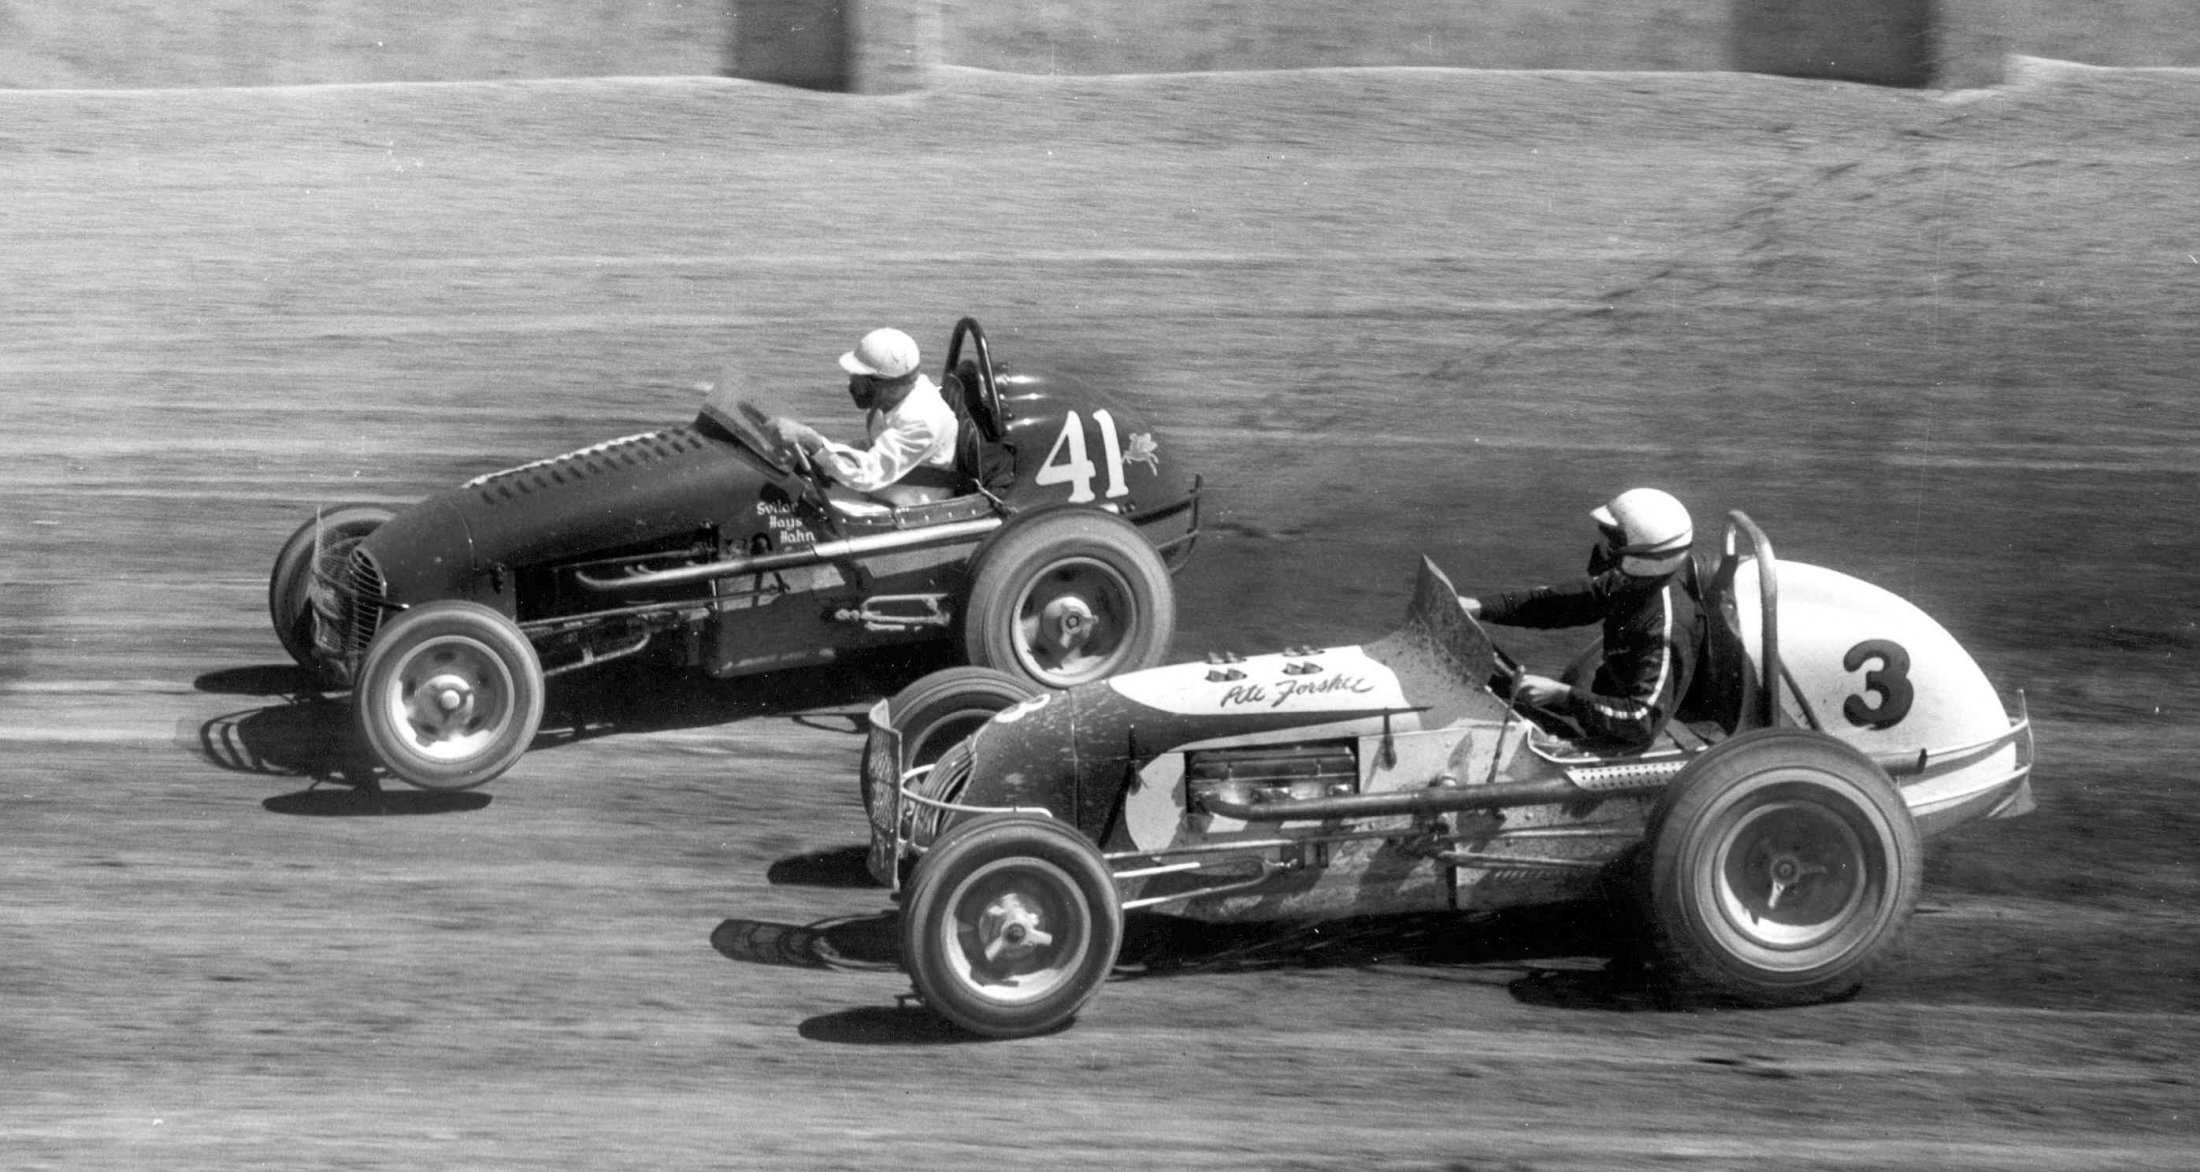 1961 Norton, Kansas - Hahn & Reed